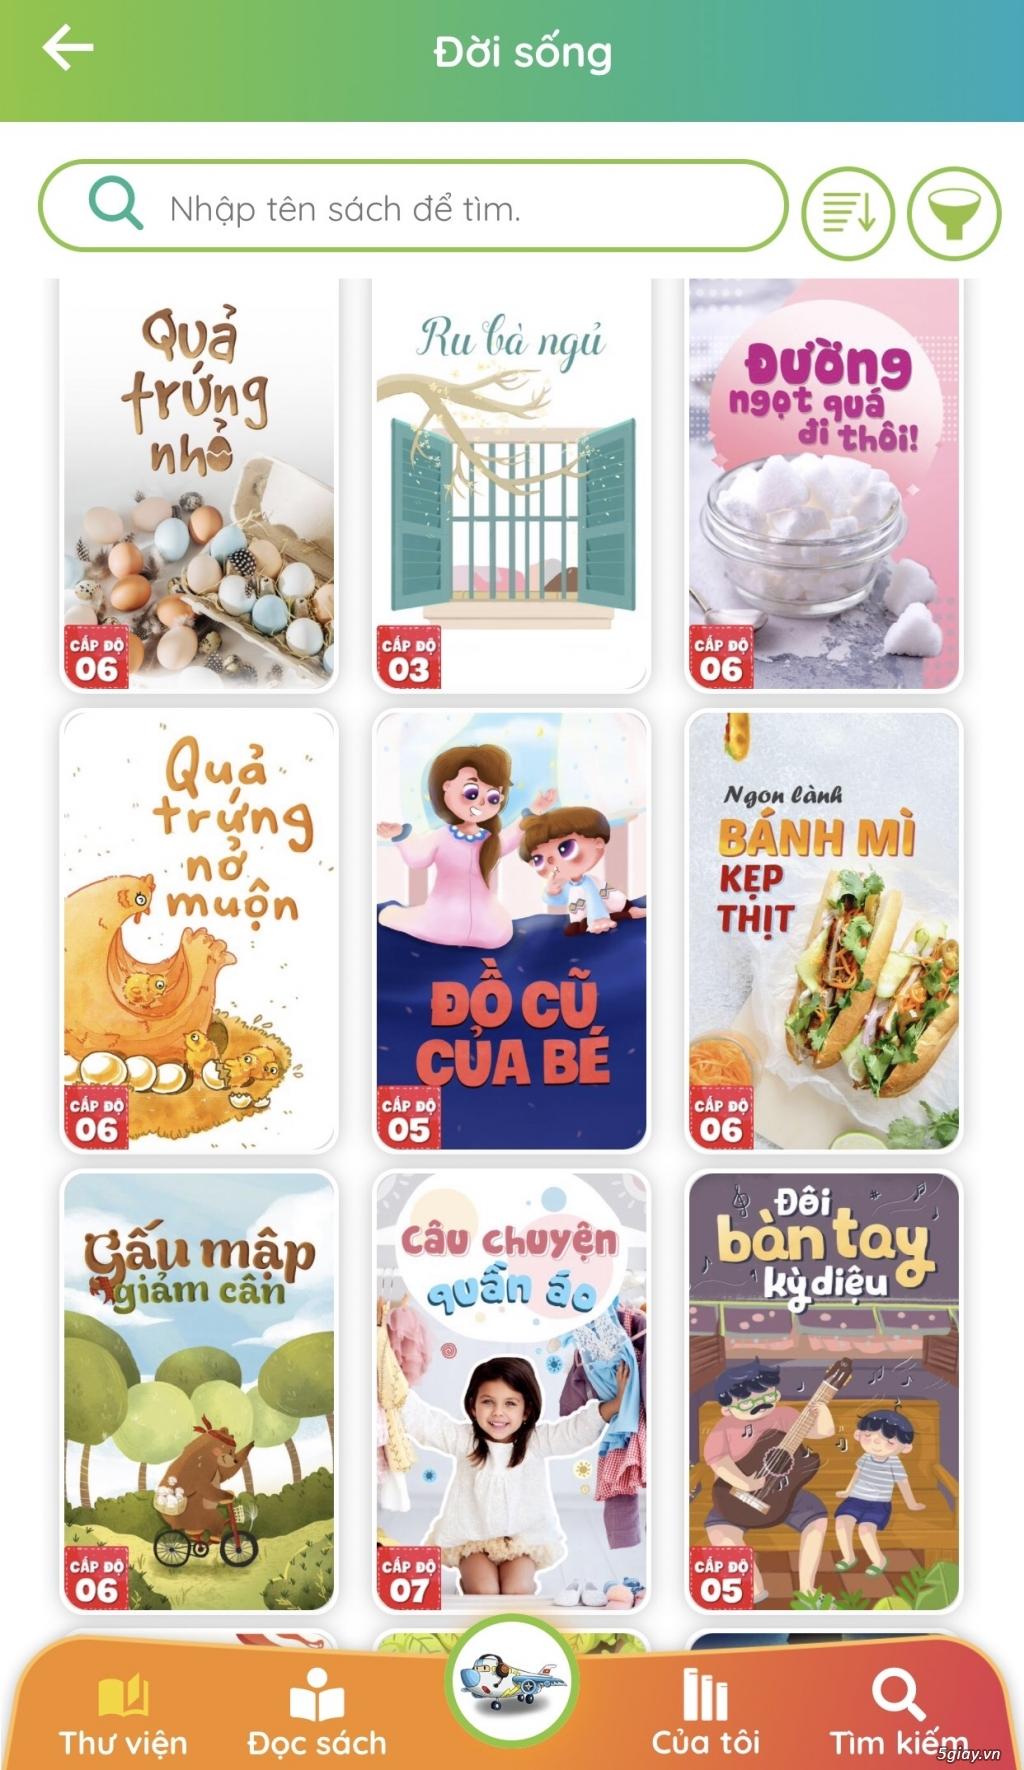 UMBALENA - Kho sách khám phá thế giới cho trẻ - 4